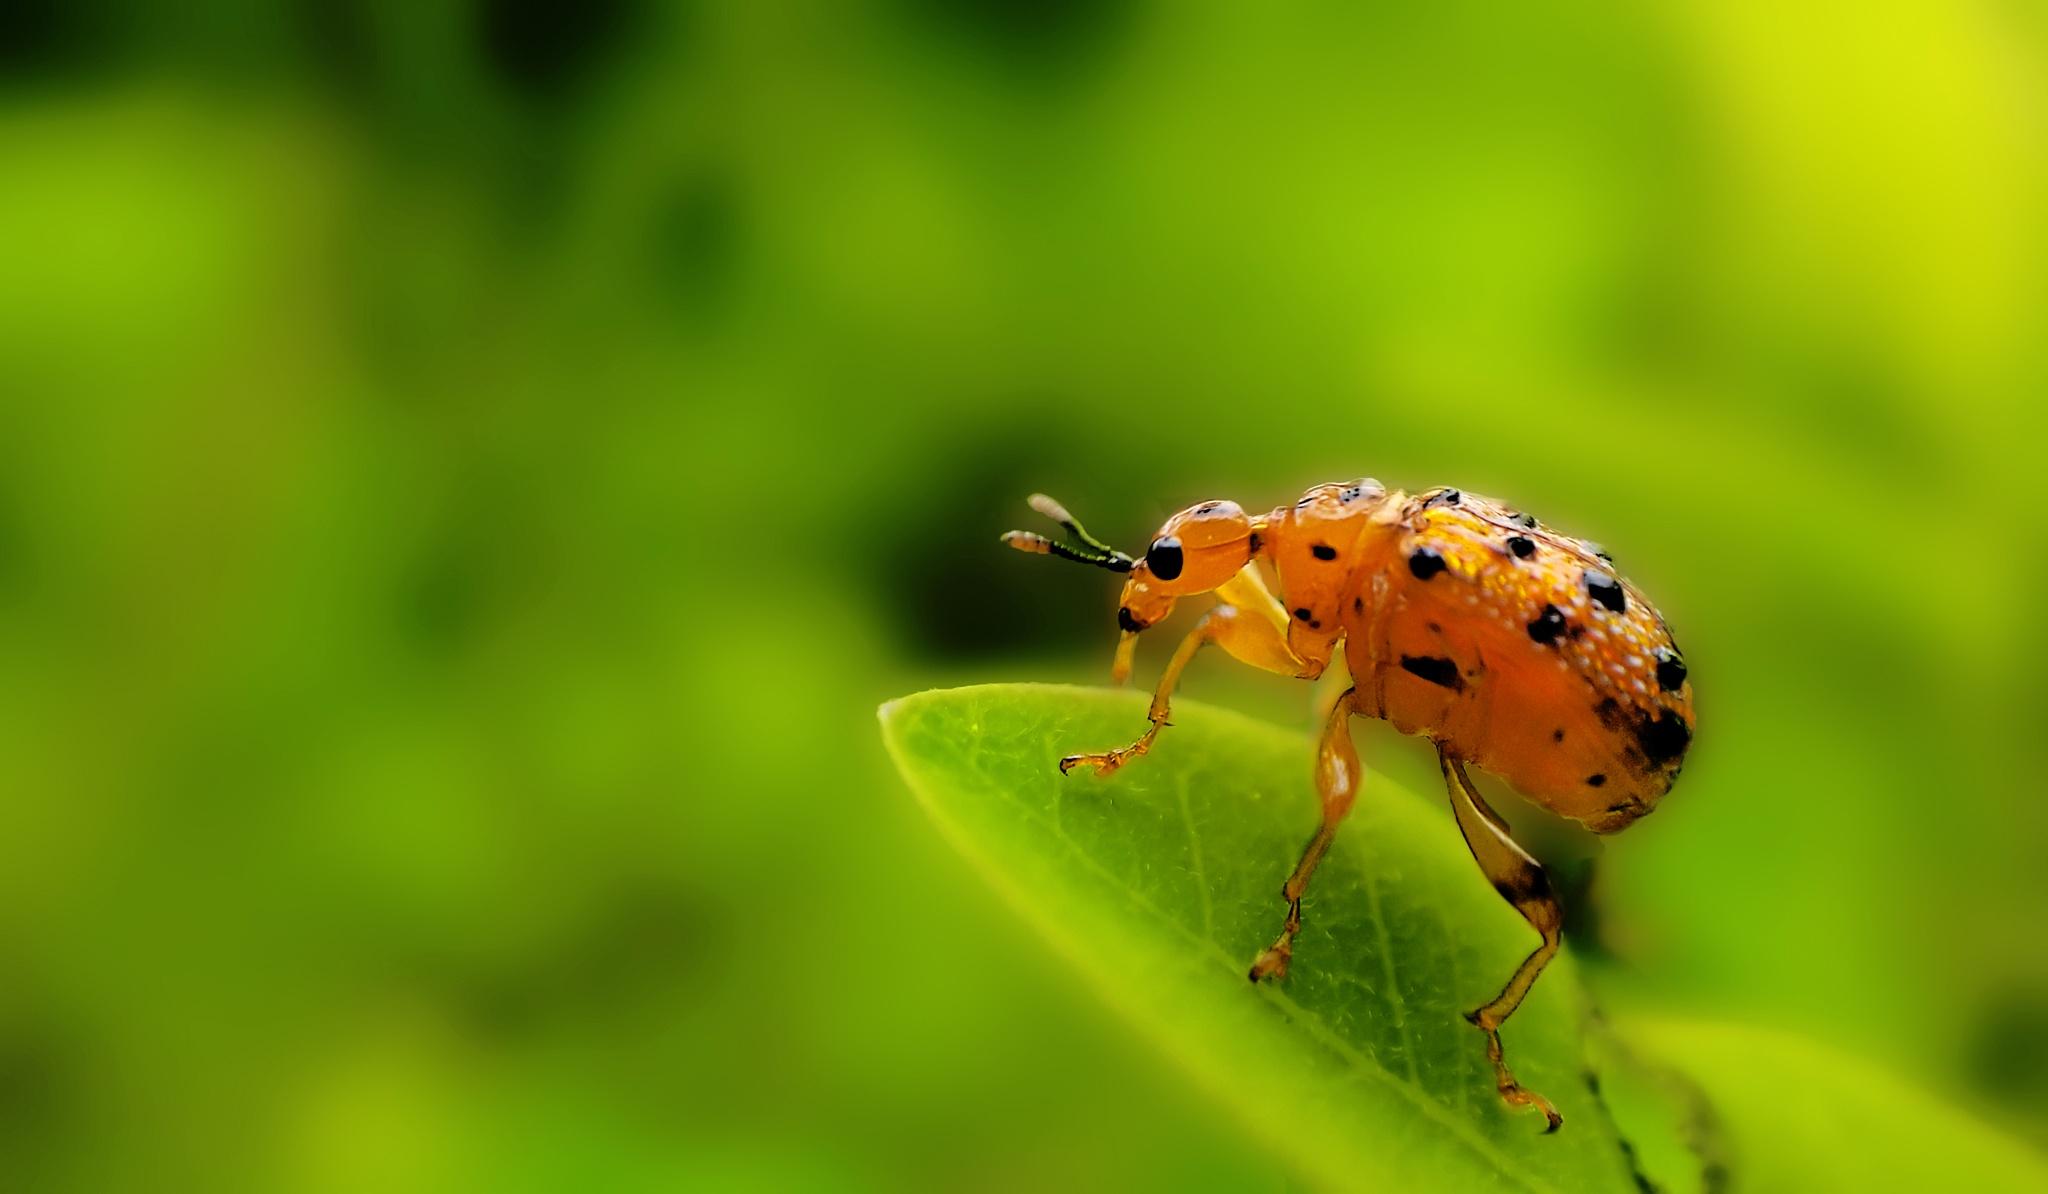 Bug by Monowar